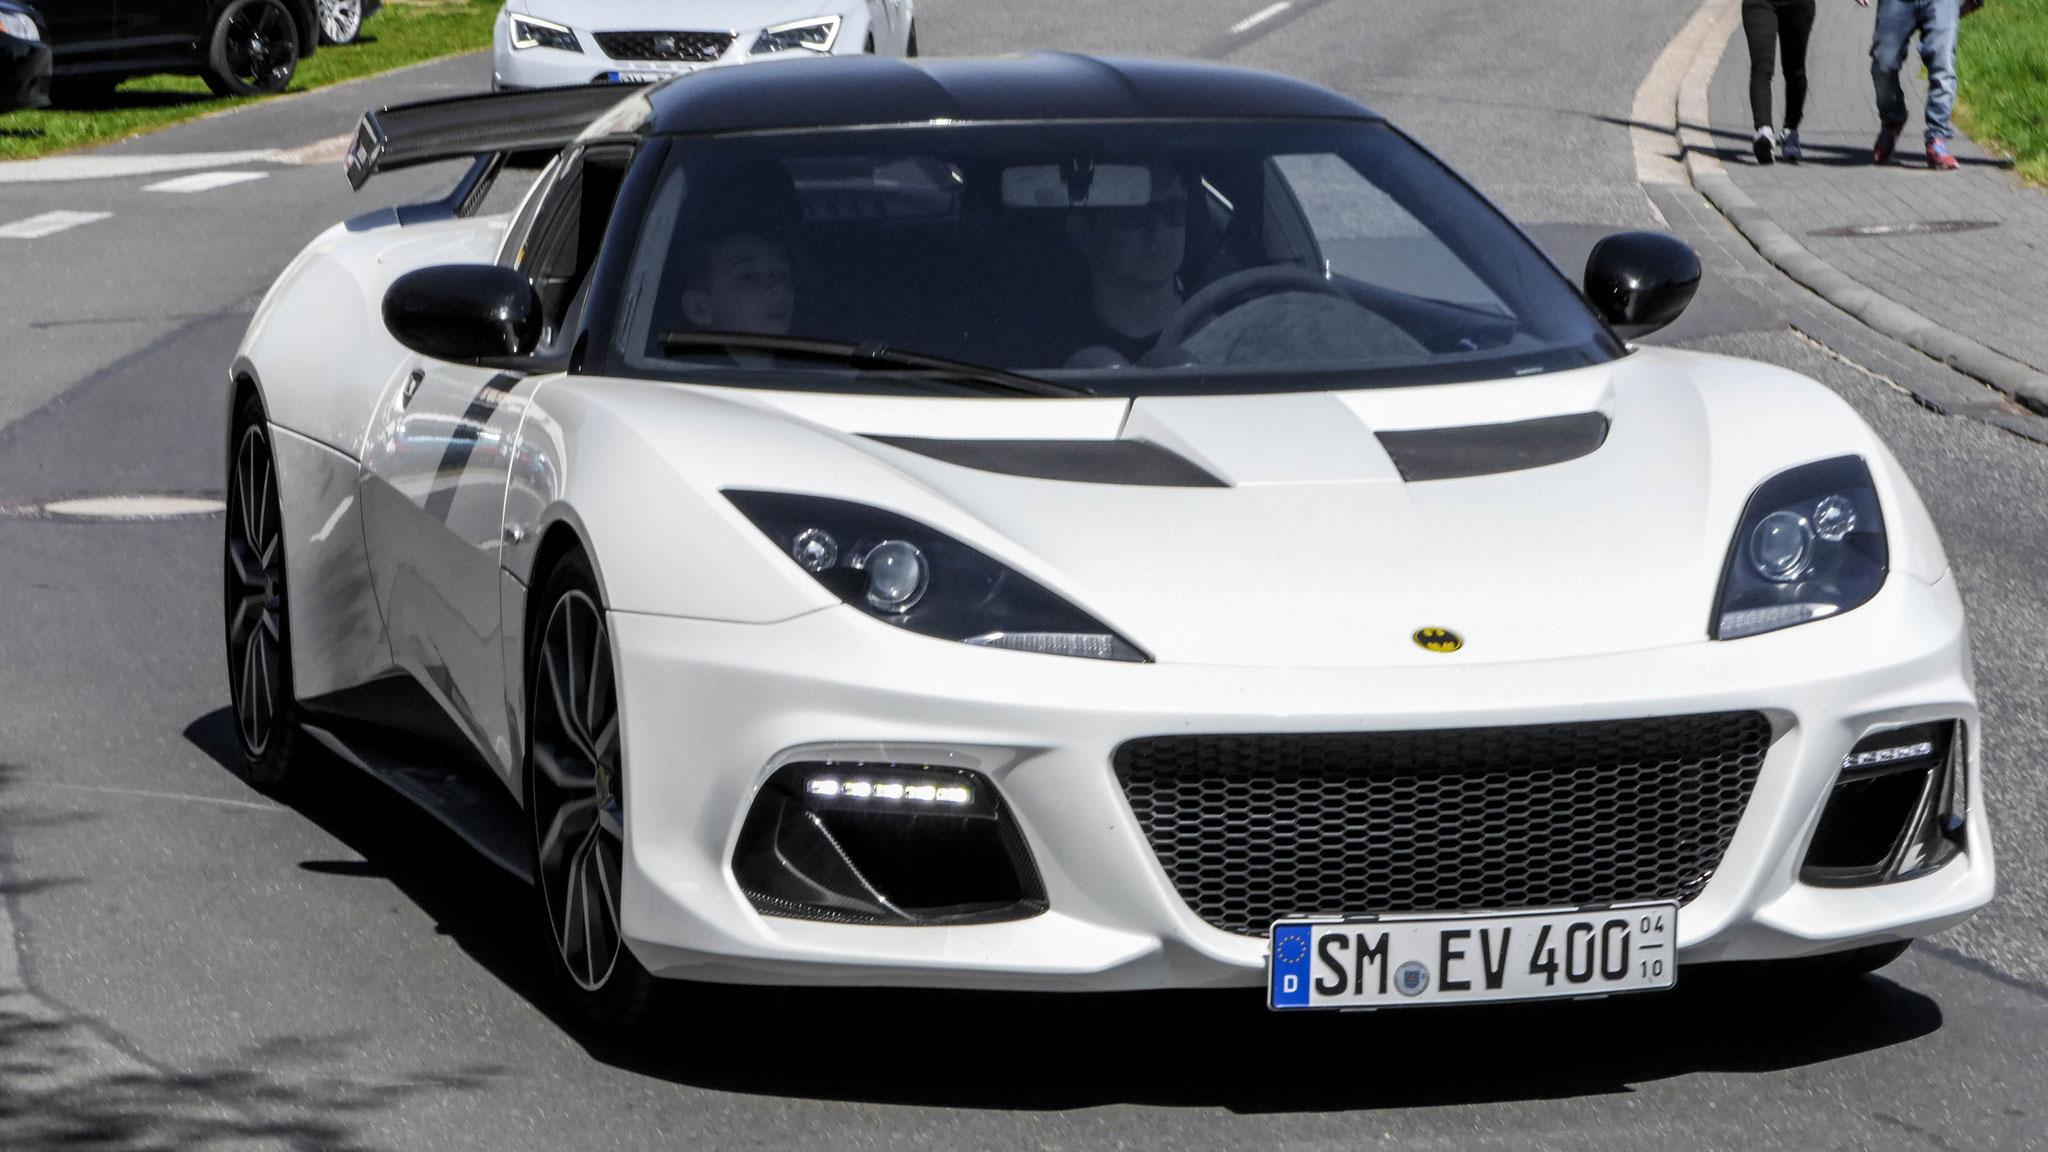 Lotus Evora 400 - SM-EV-400